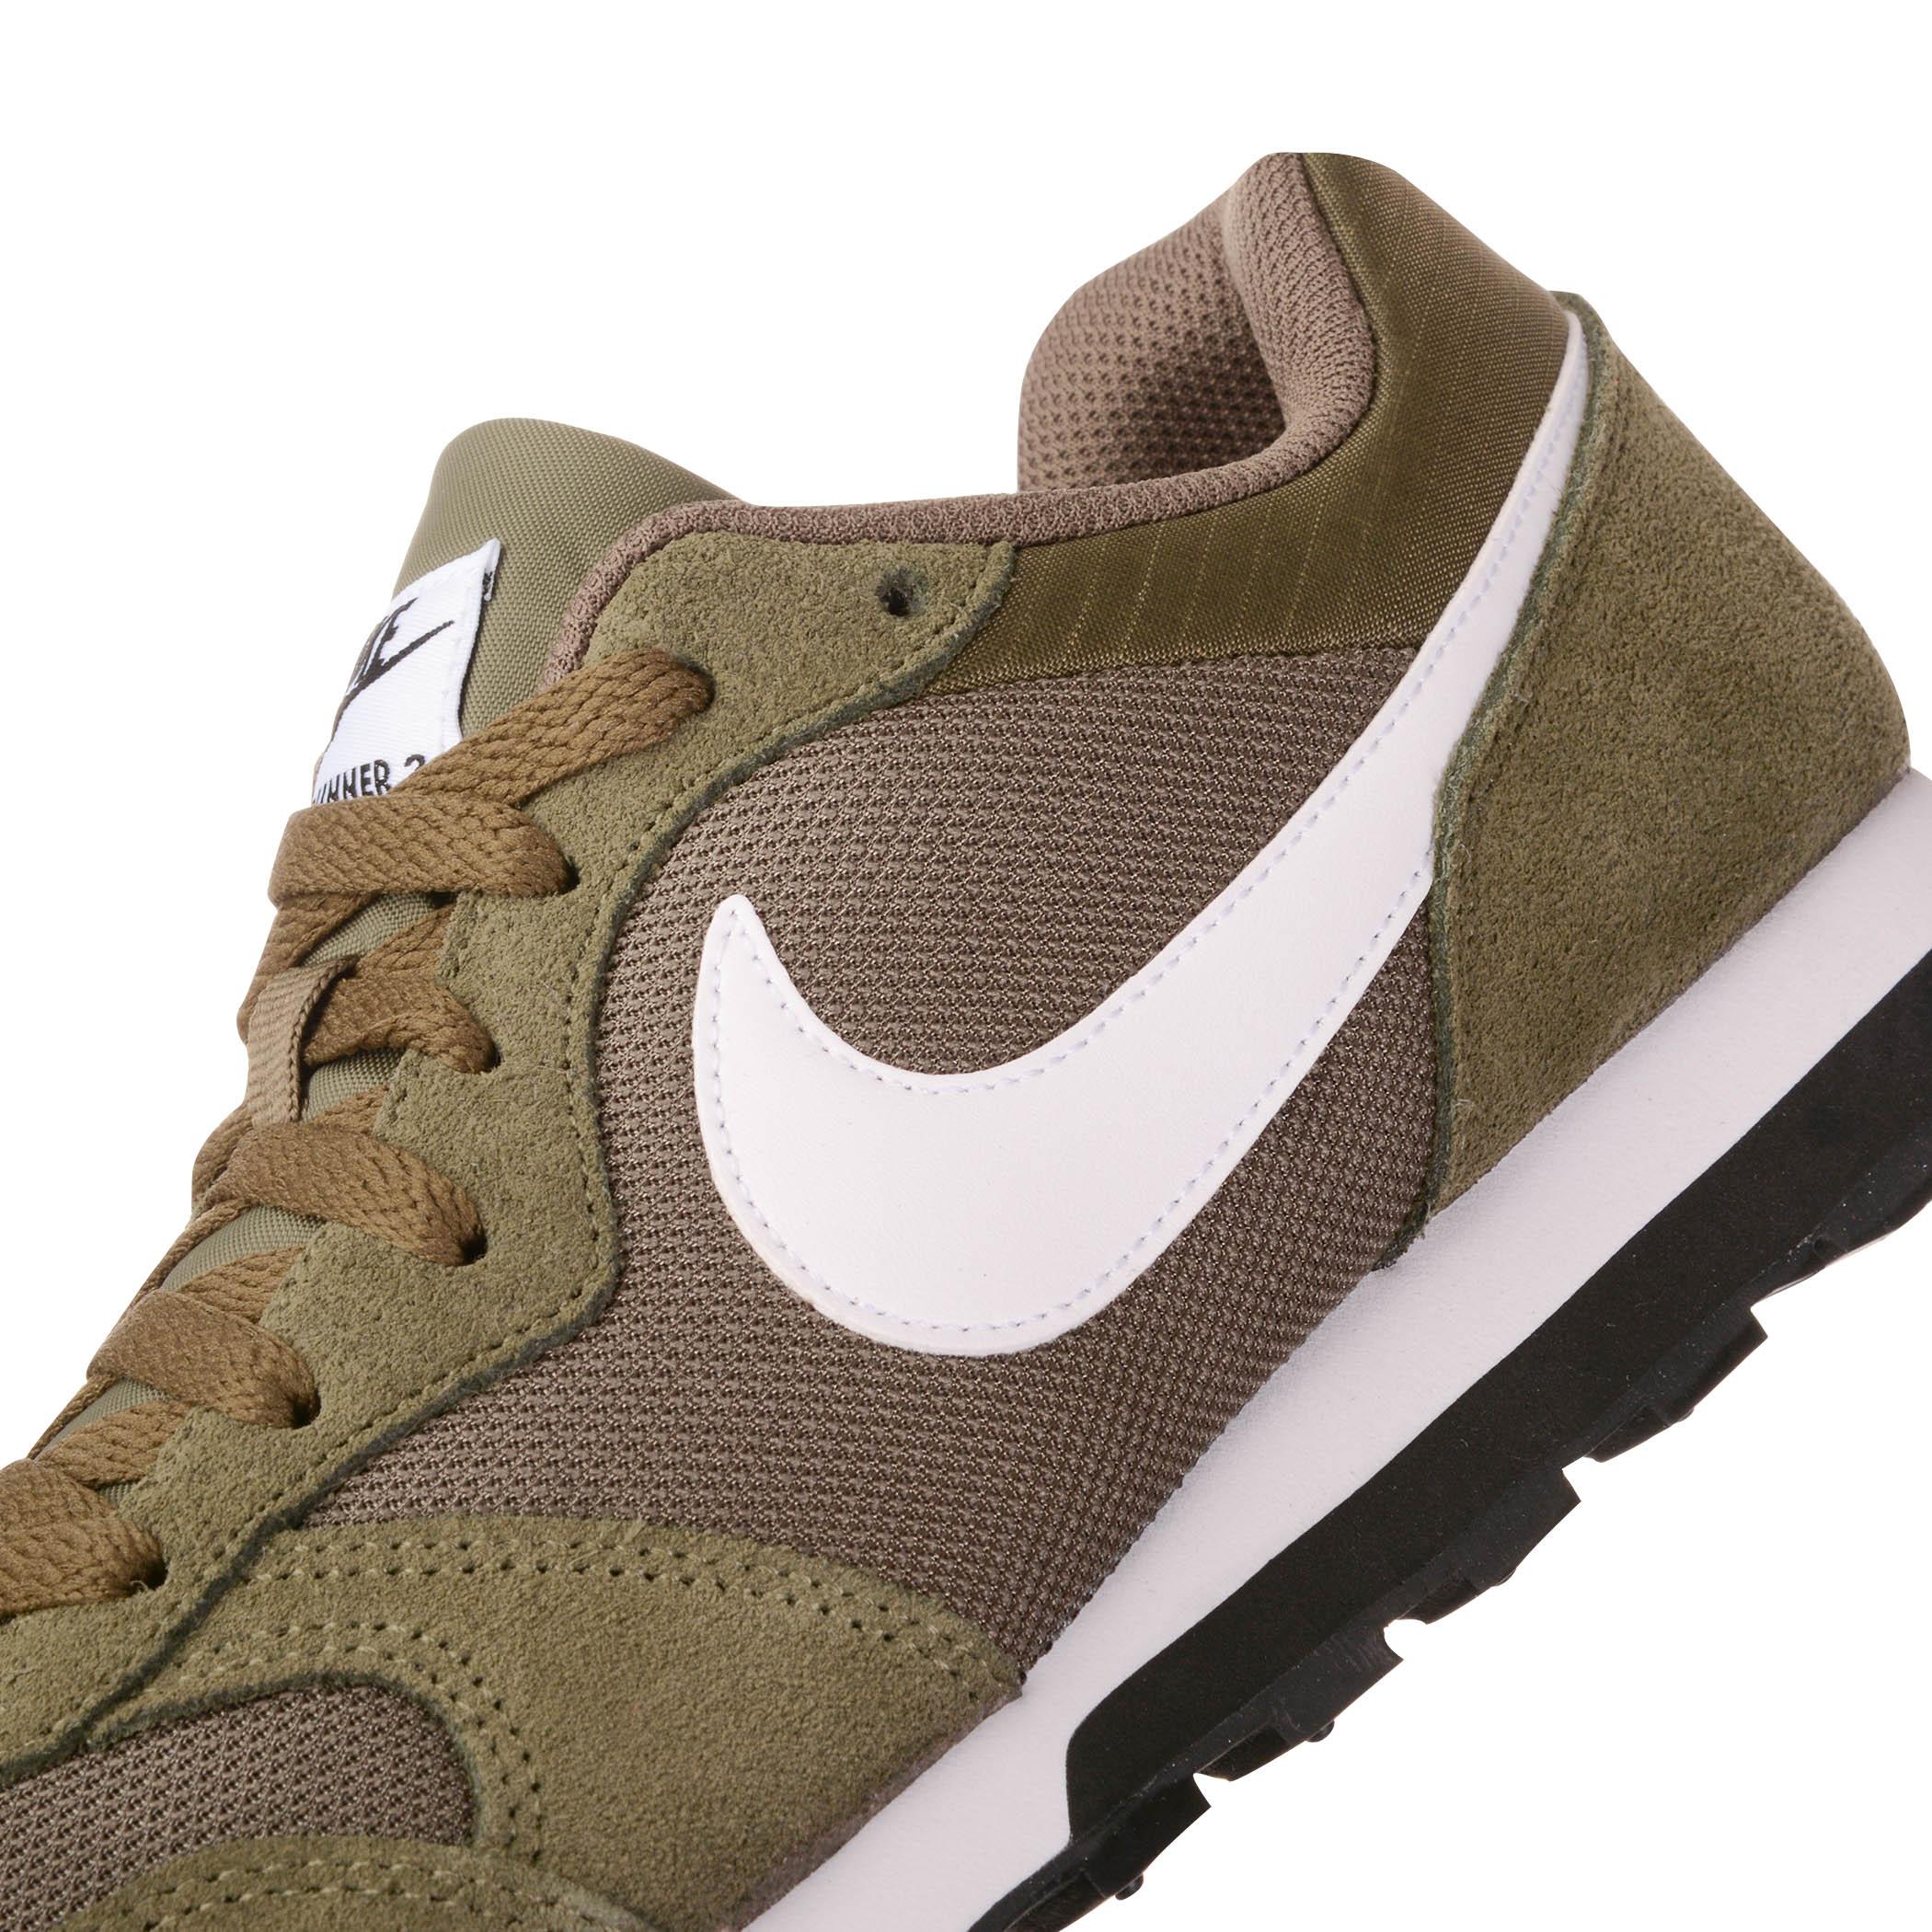 6930ca9c Кроссовки MD Runner от Nike (749794-204) - продажа, цена, фото, описание